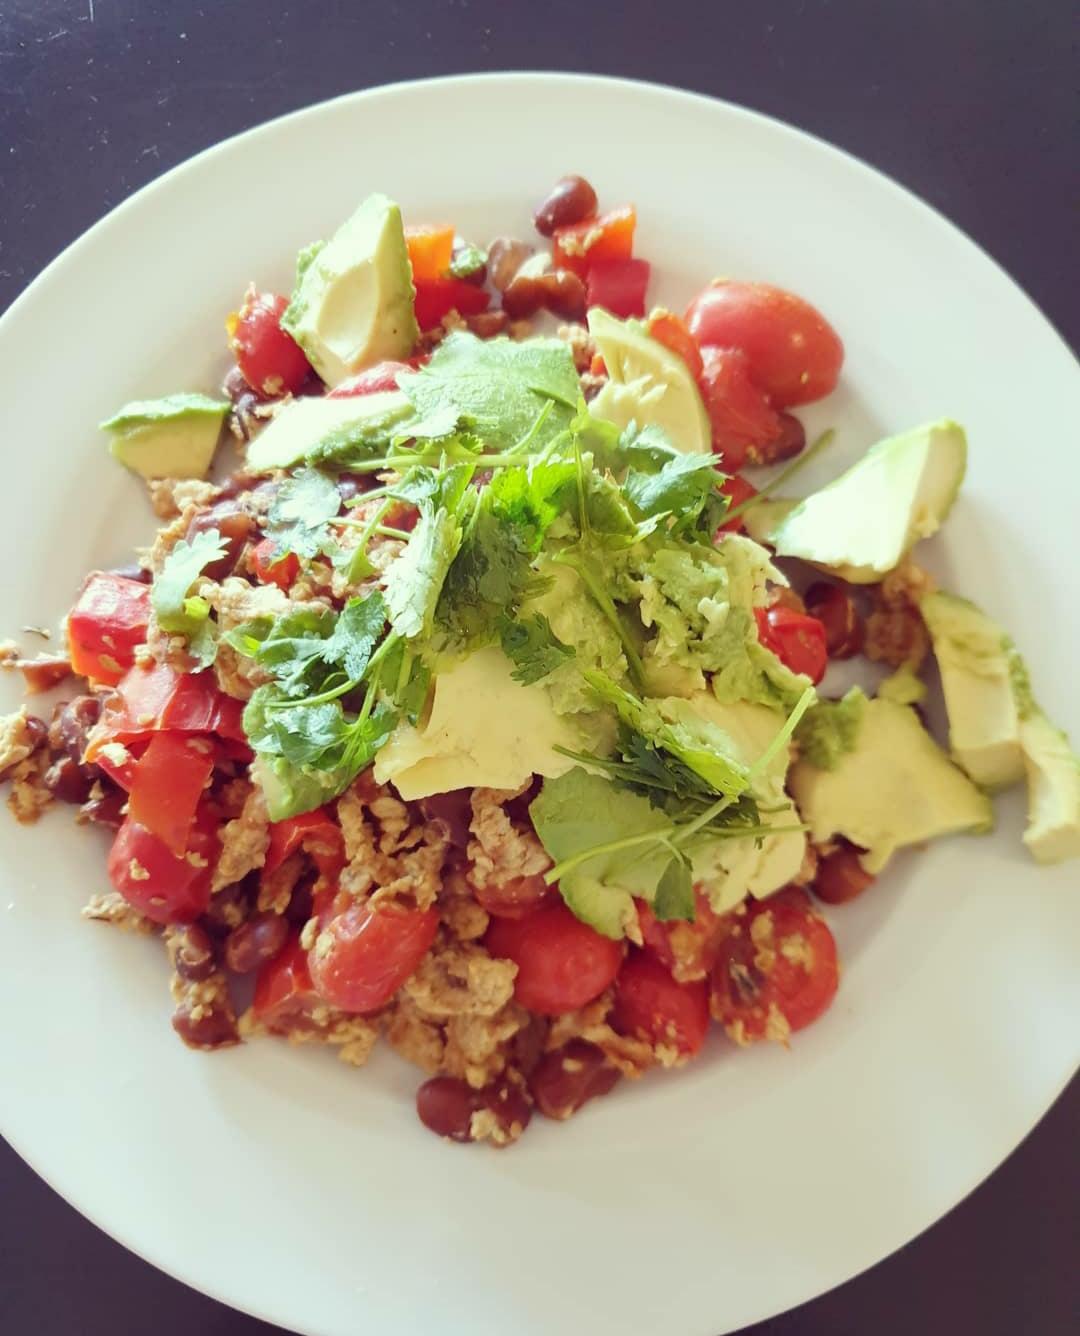 Salade met ei, groenten en bonen